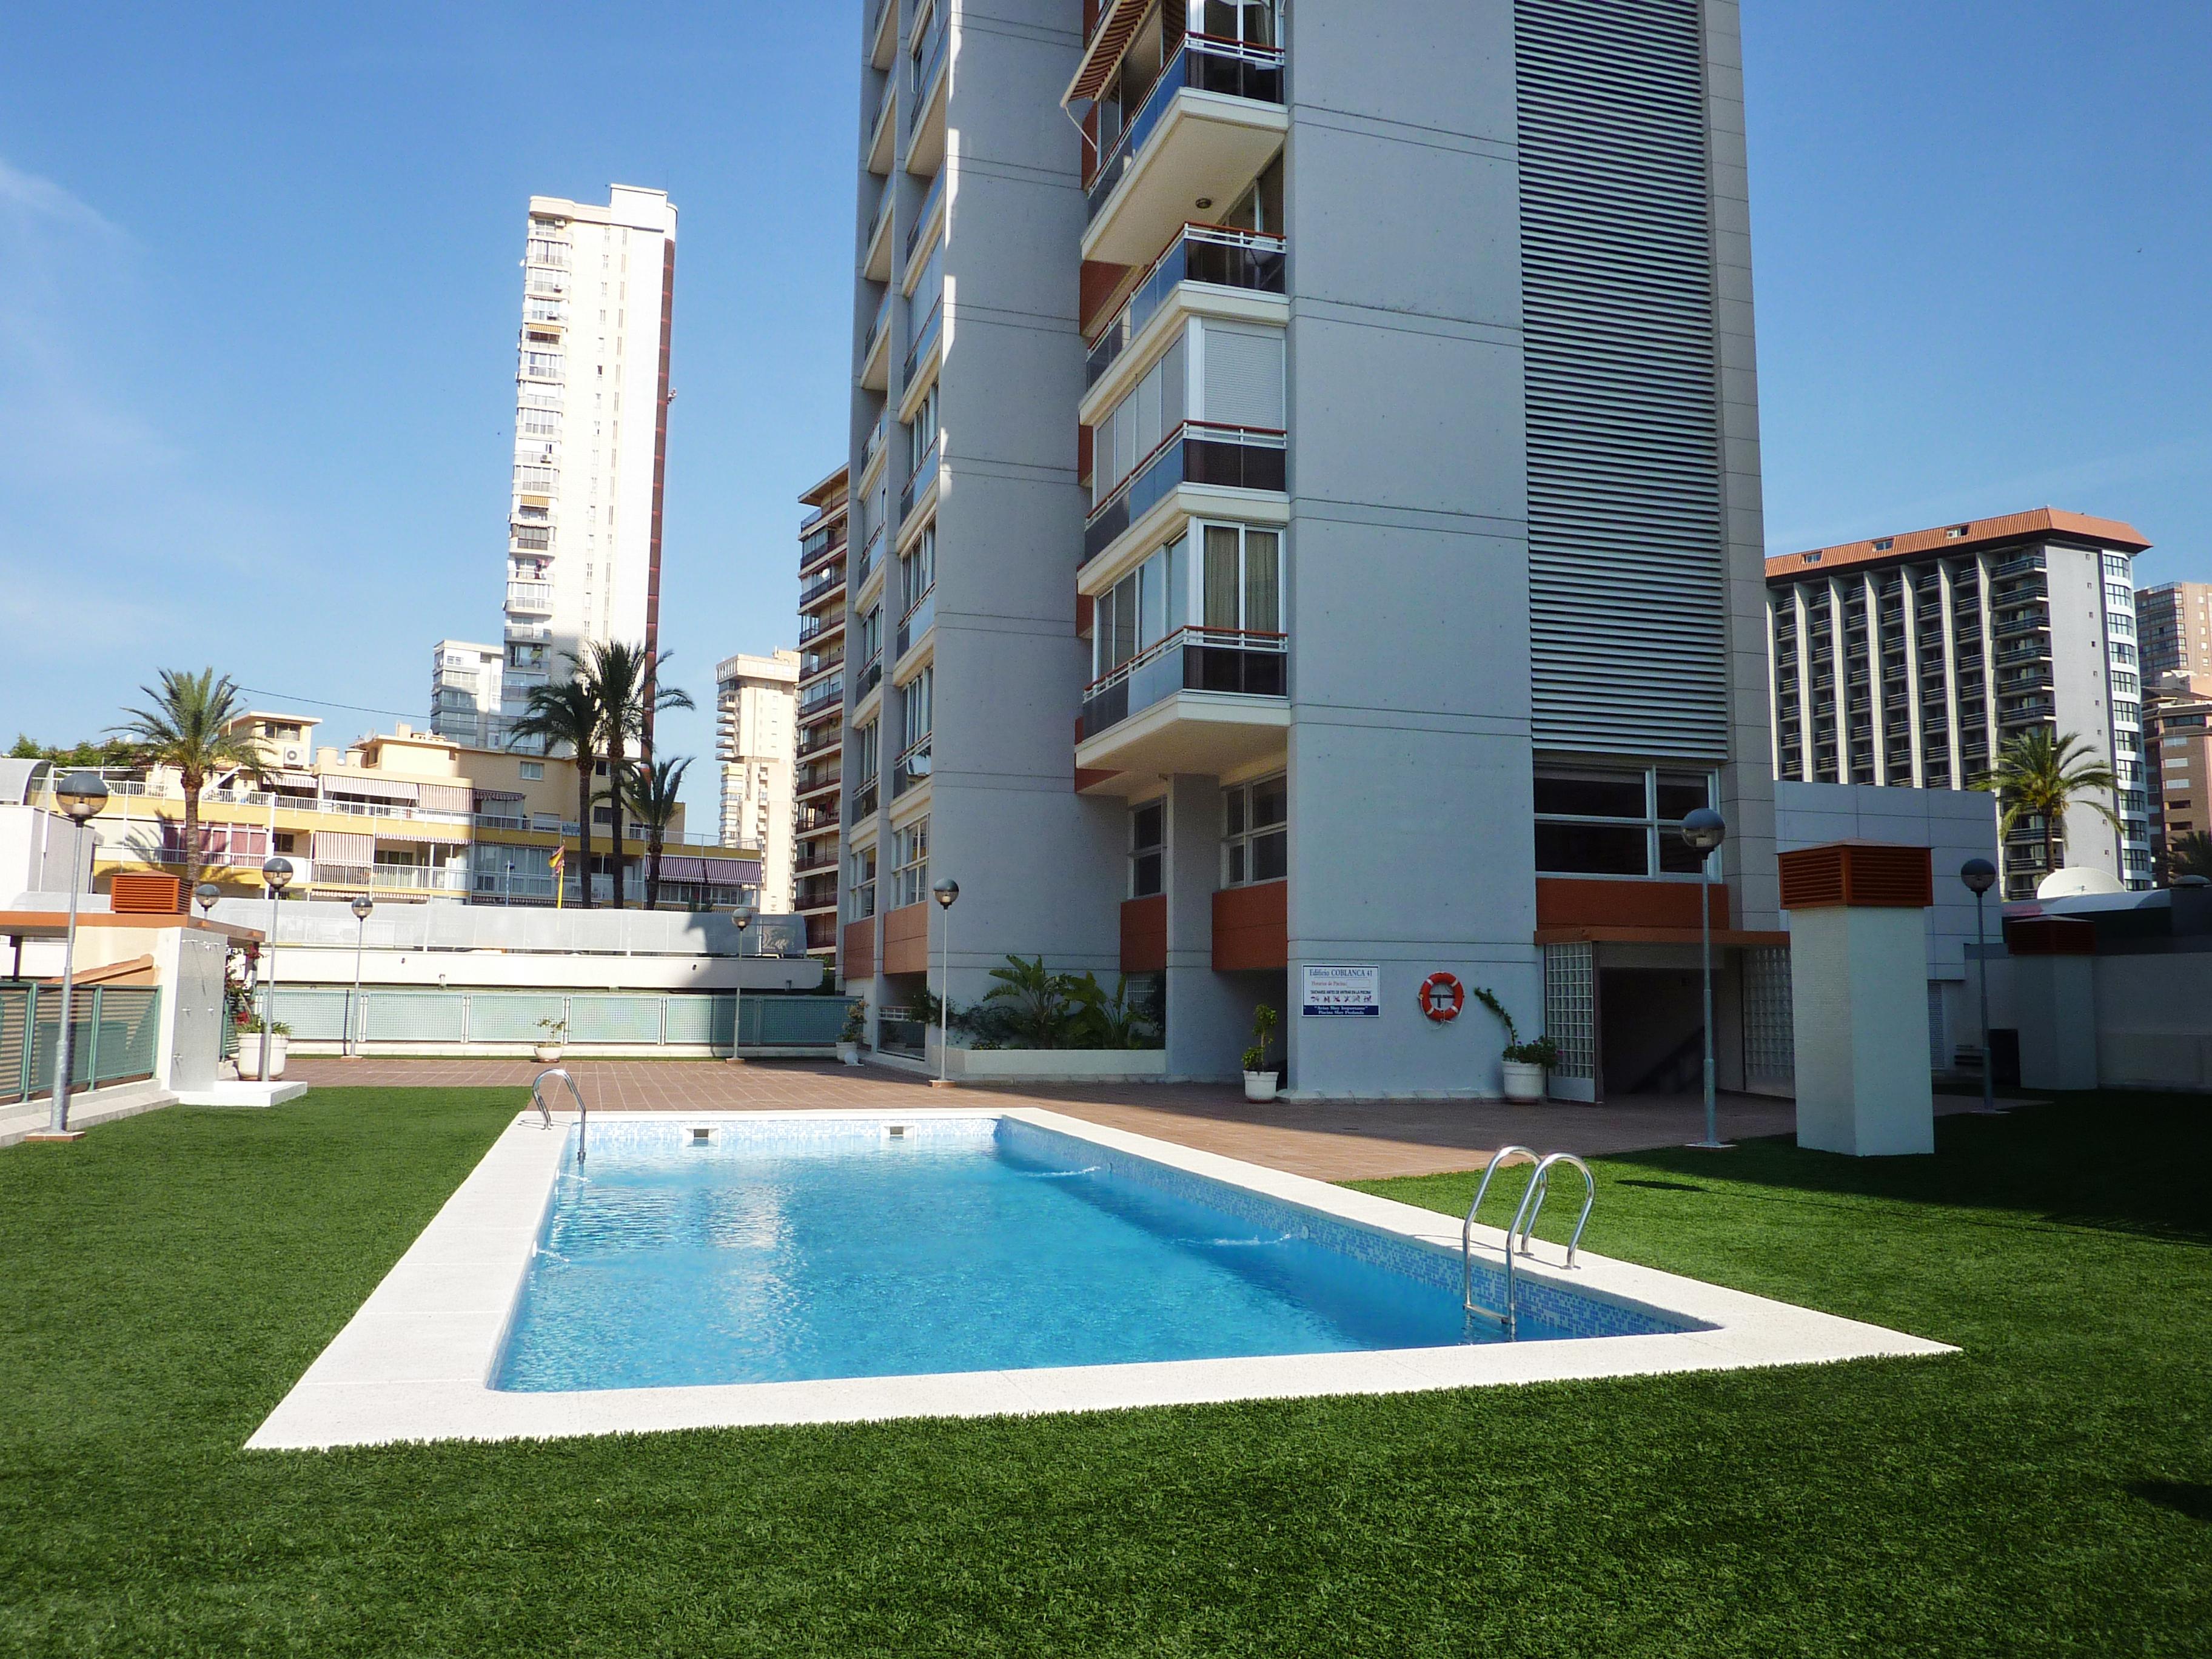 Apartment Edf Coblanca in Benidorm Spain ES9742 273 1